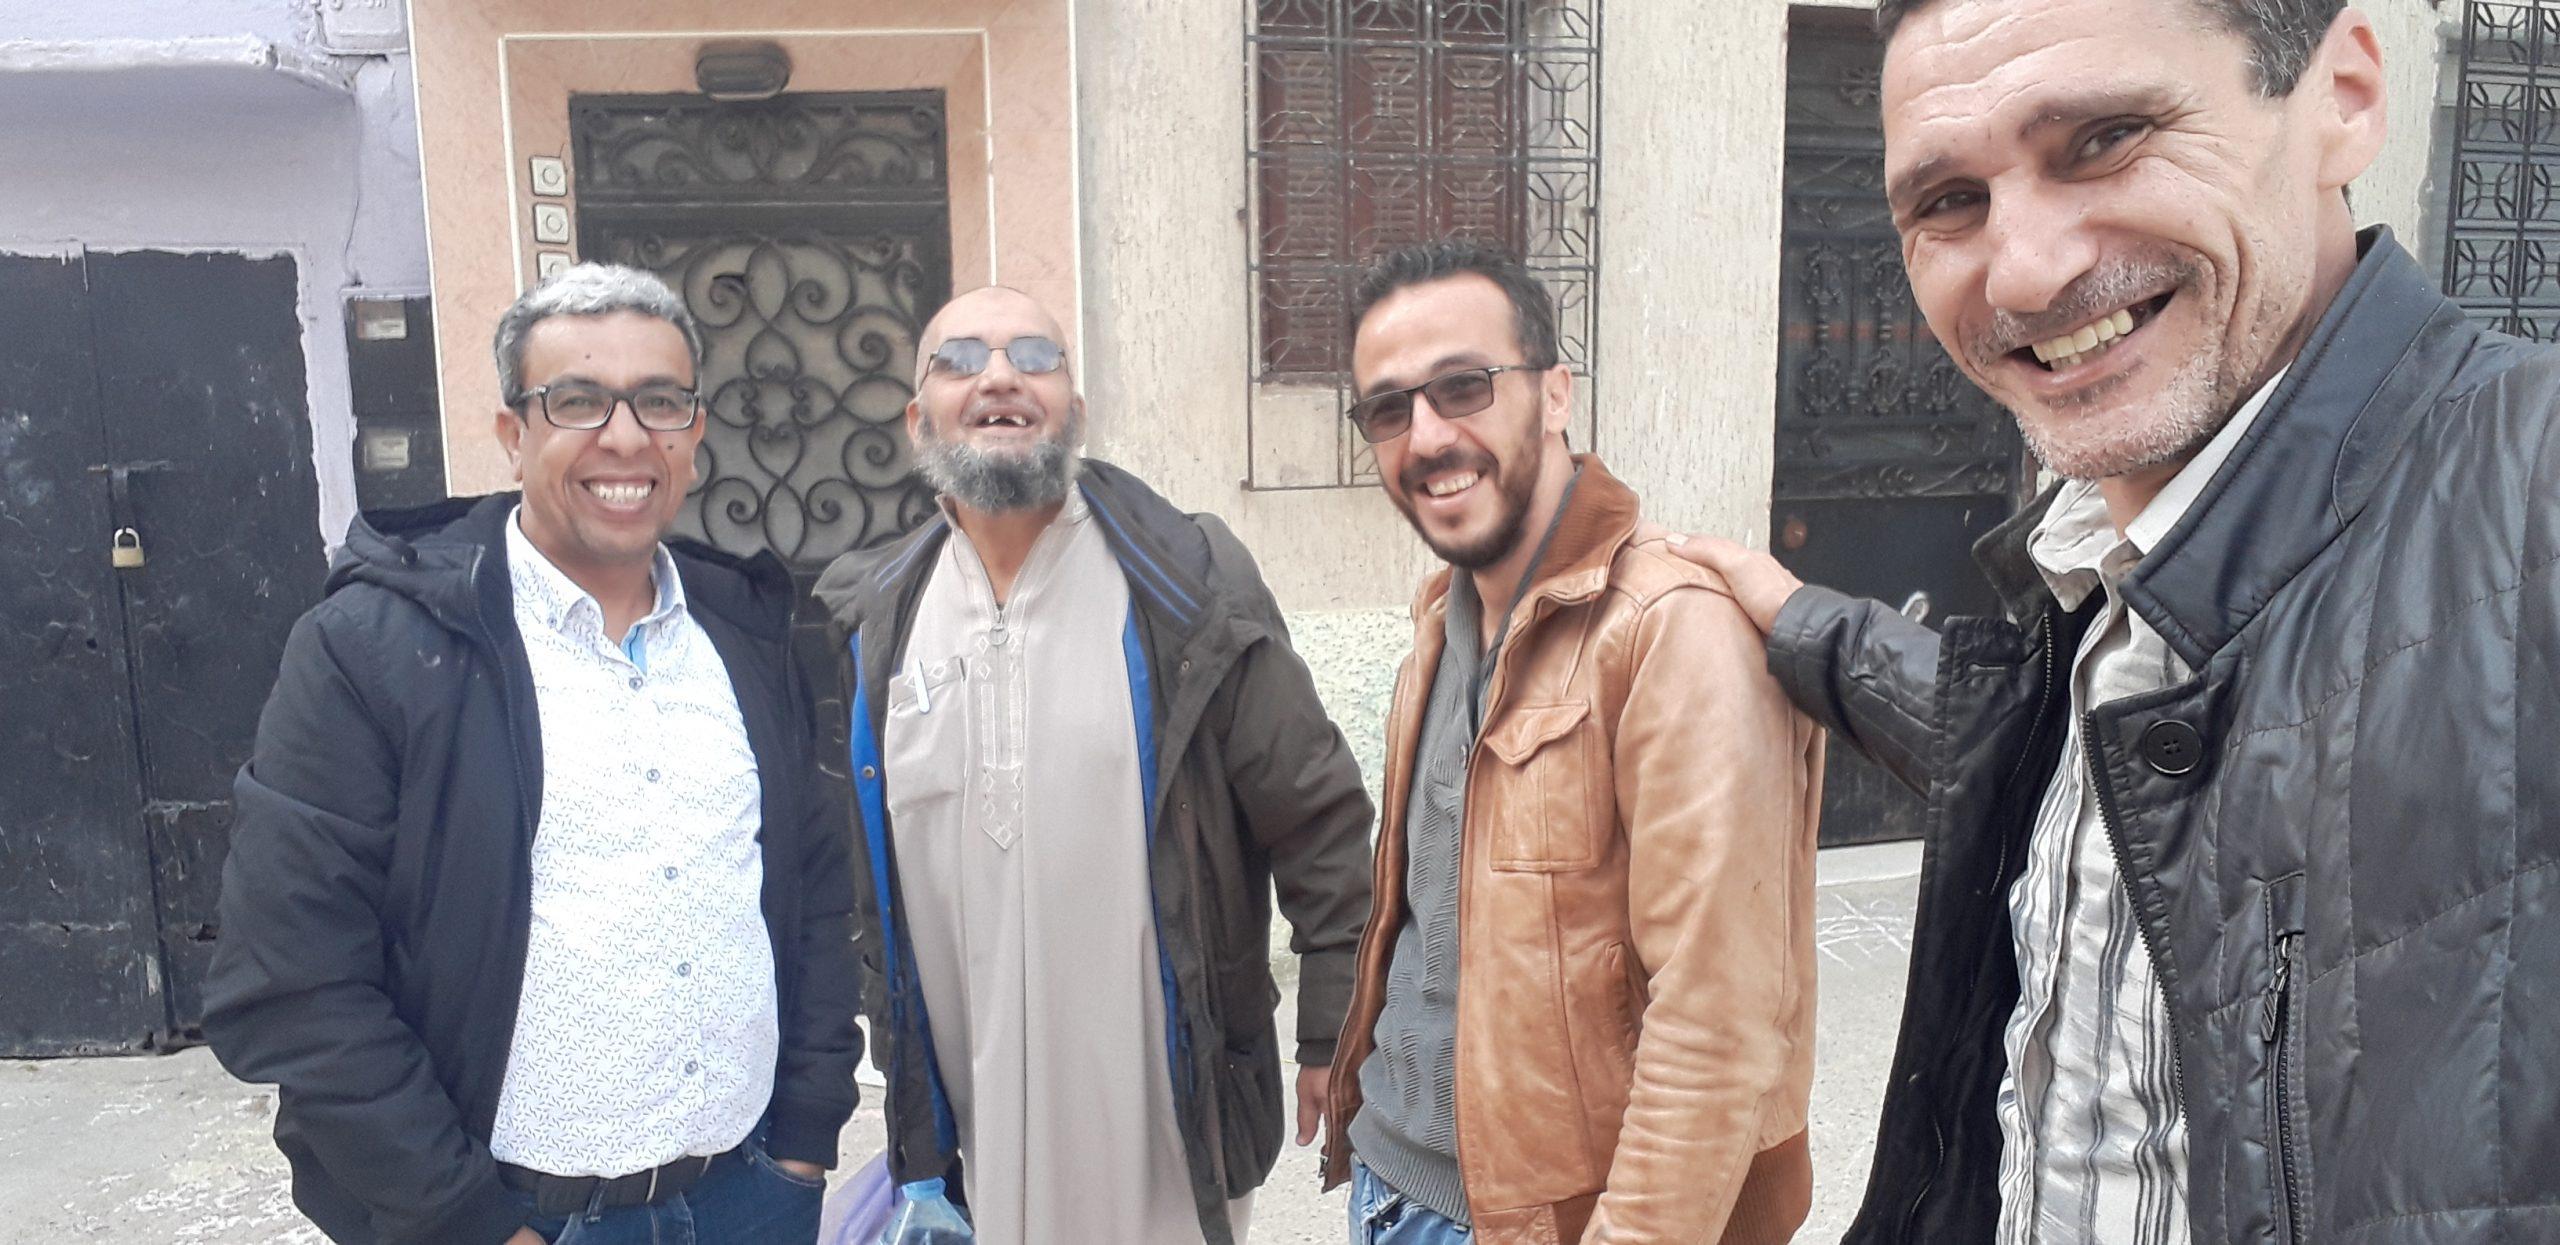 فيديو حميد المهداوي في تطوان يستمع لأجمل شهادة في حقه